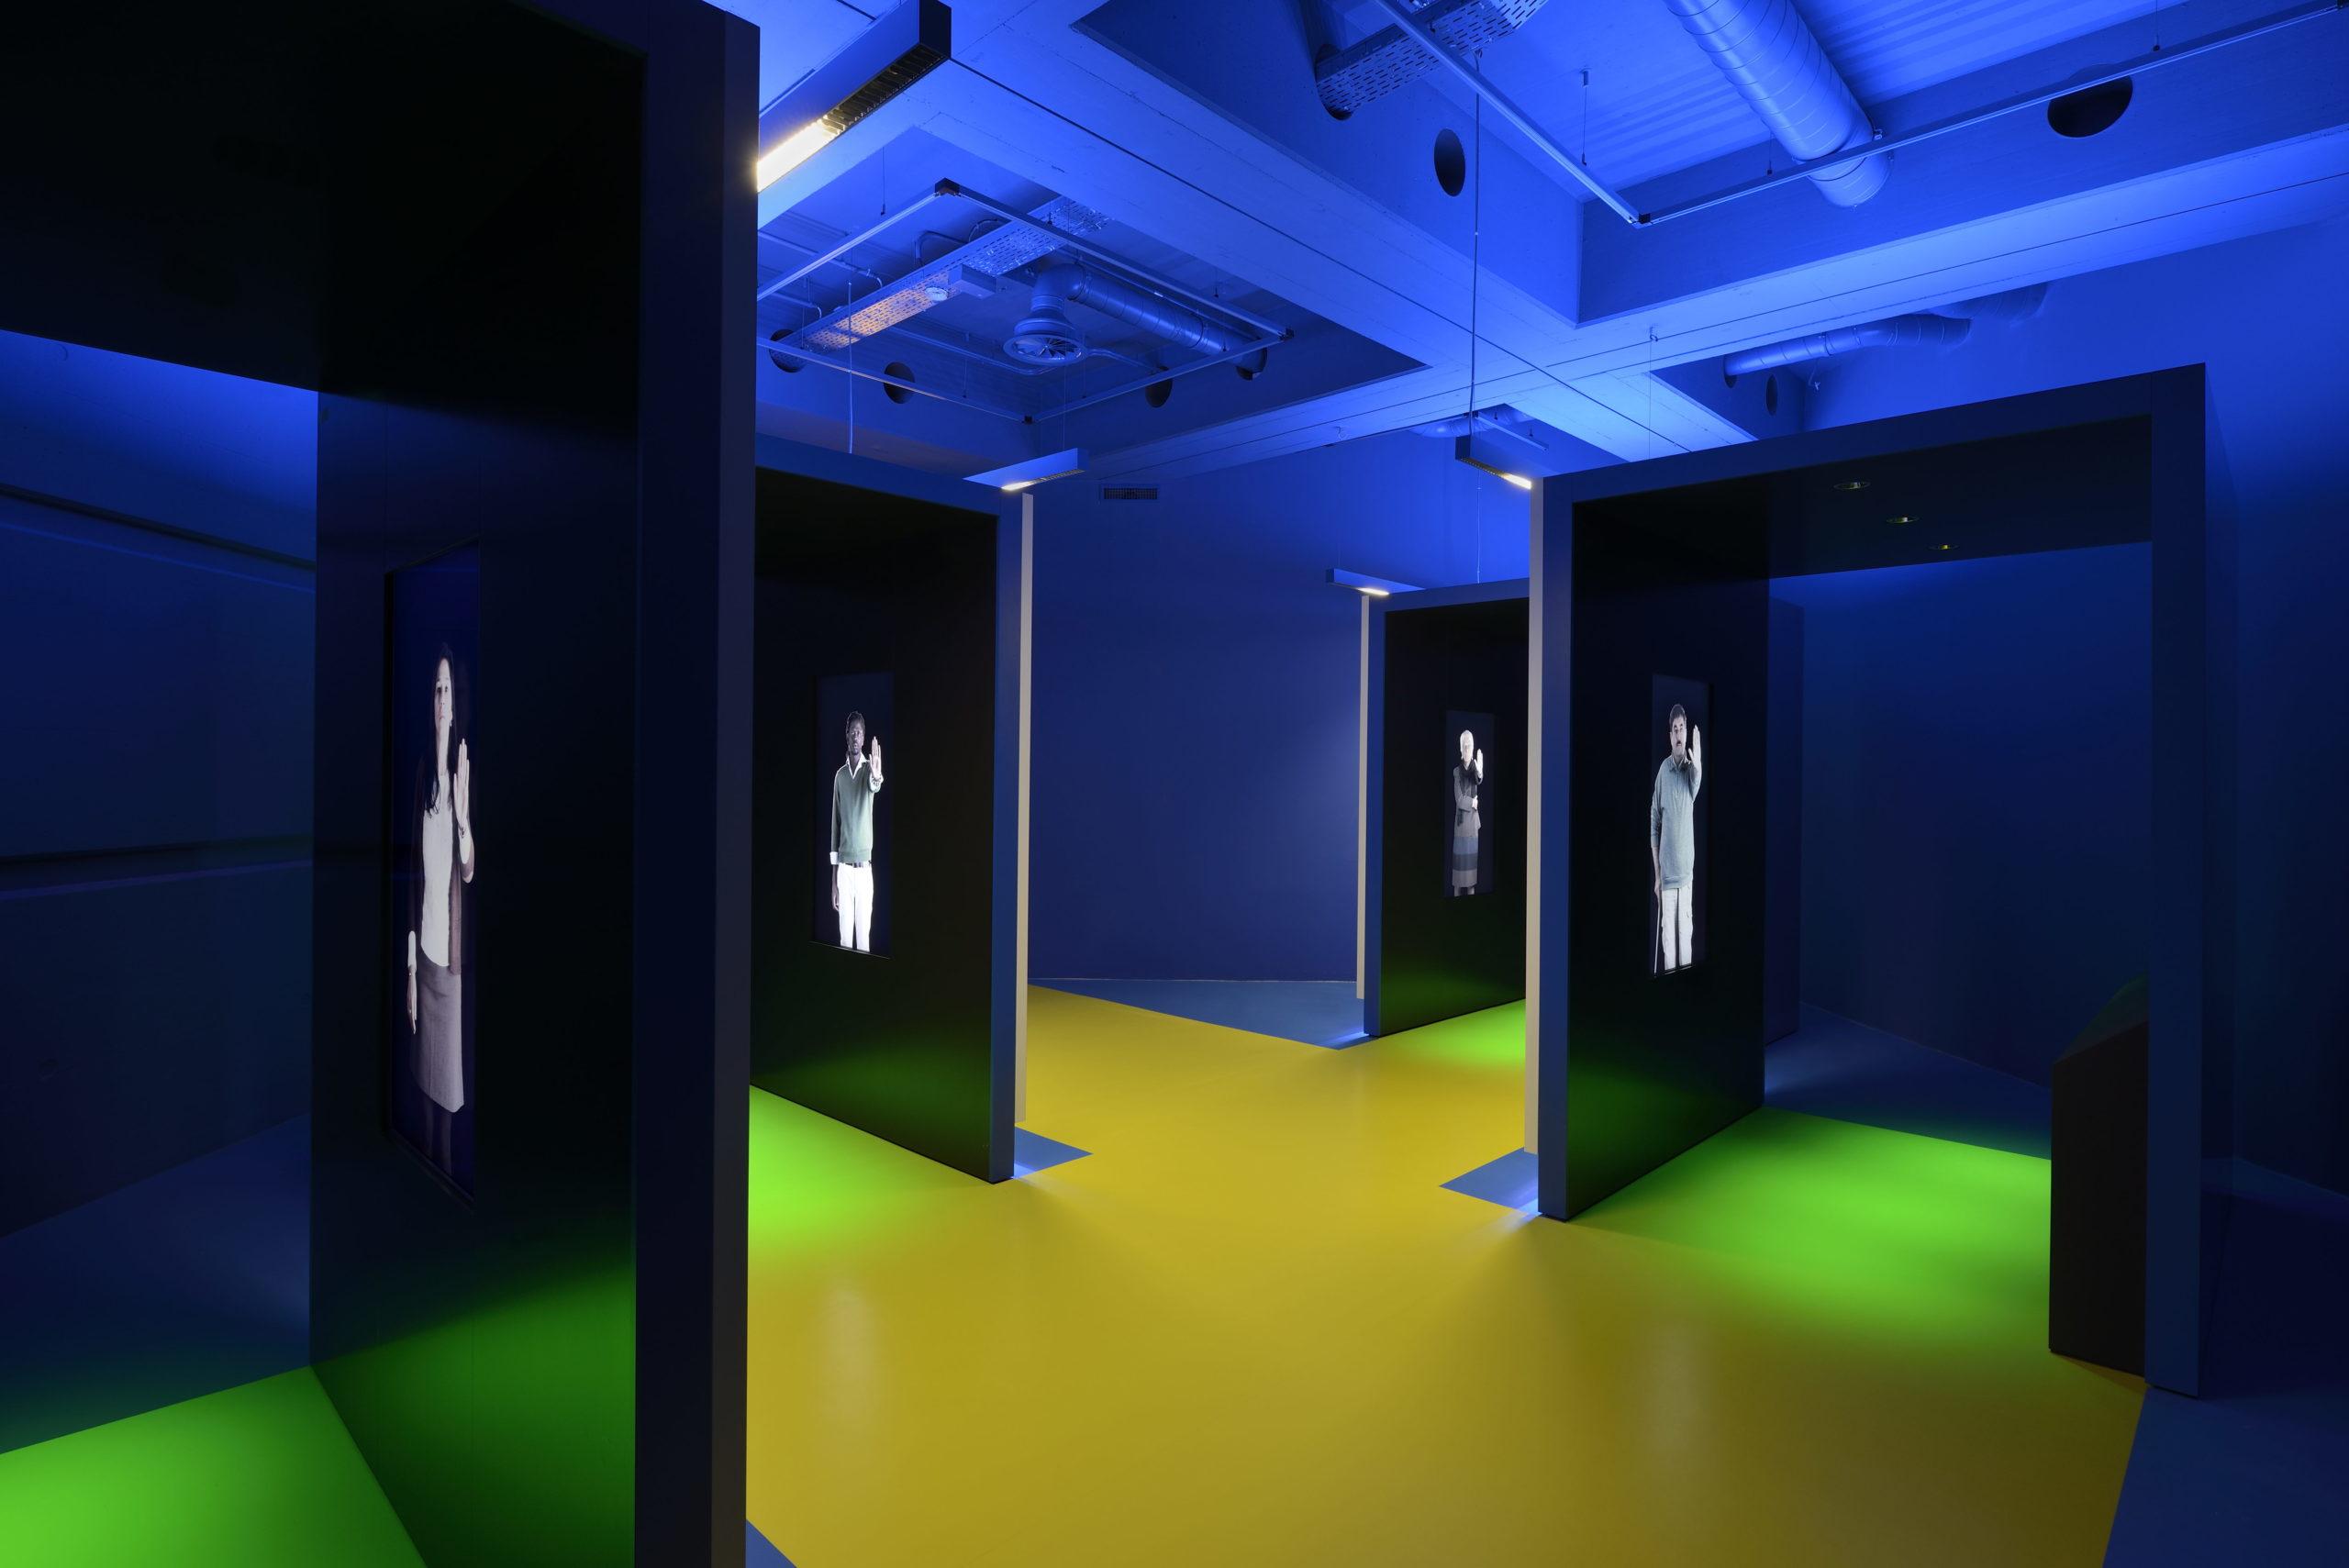 La chambre des témoins, Architecte: Gringo Cardia – ©MICR photo Alain Germond